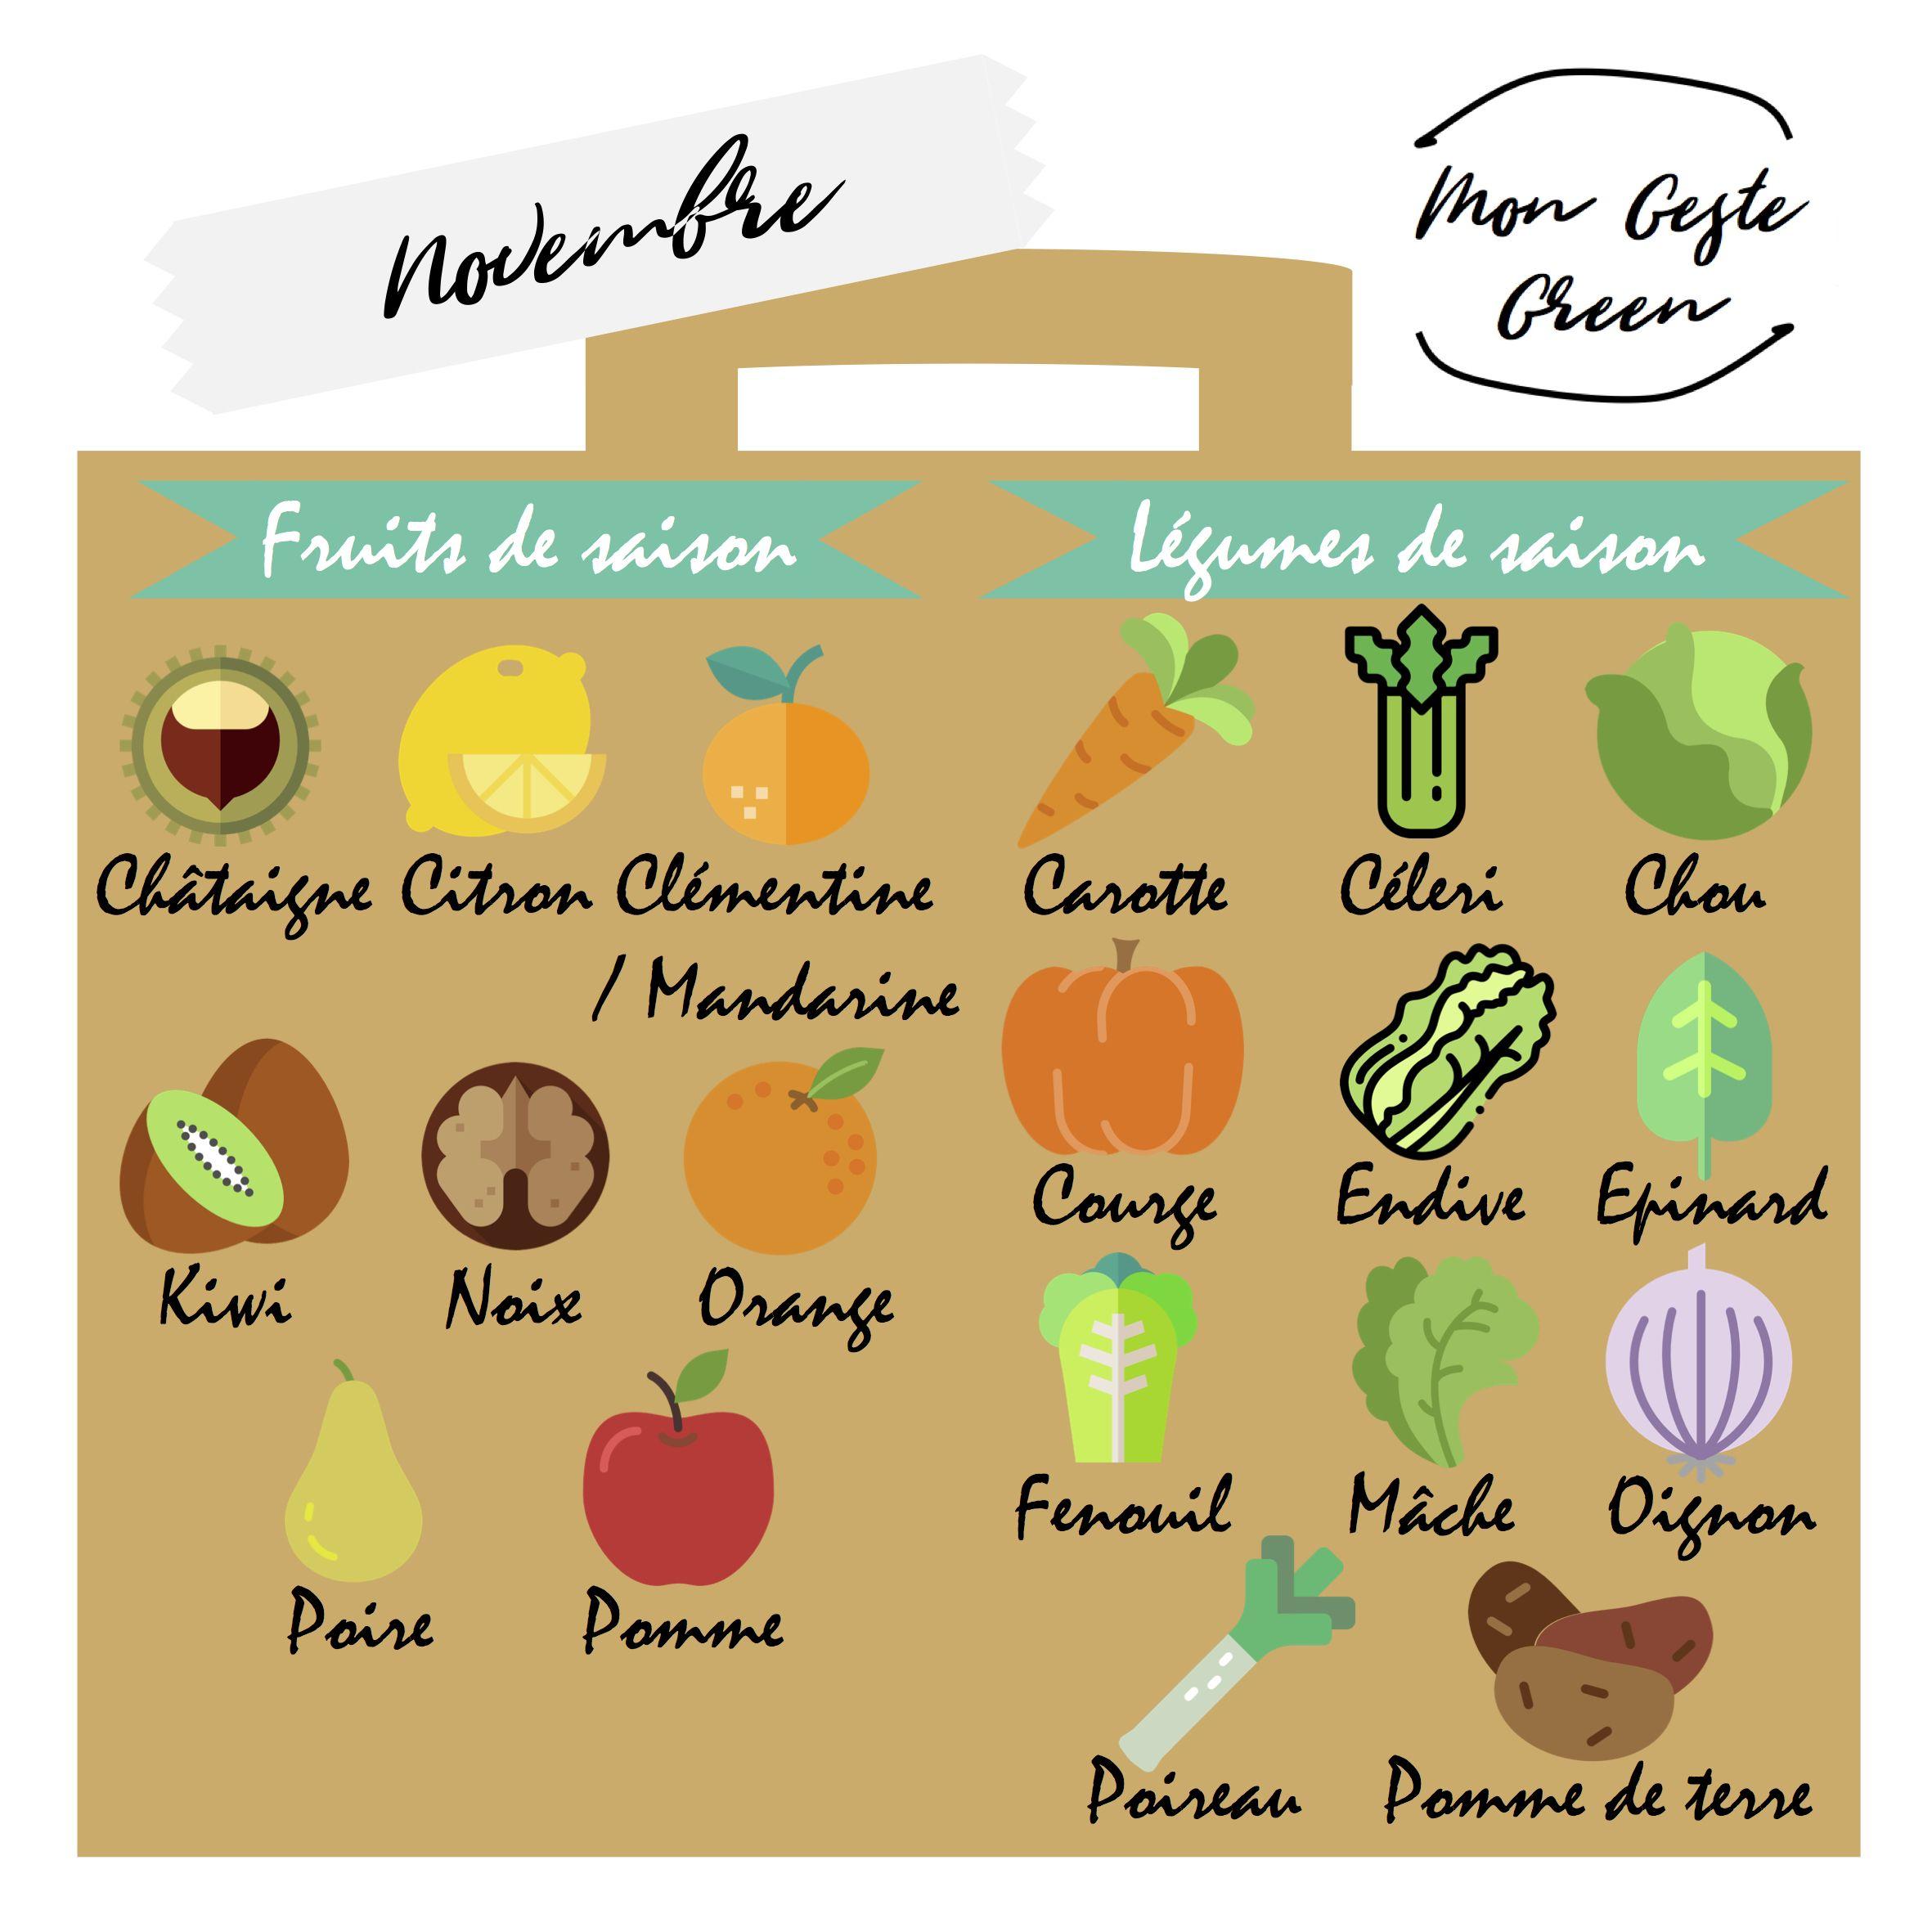 Calendrier Des Fruits Et Legumes De Saison Novembre Pour Chaque Mois De L Annee Un Aimant Vous Rappelle Sur Votre Refrigerateur Les Fruits Et Etsy Food Map